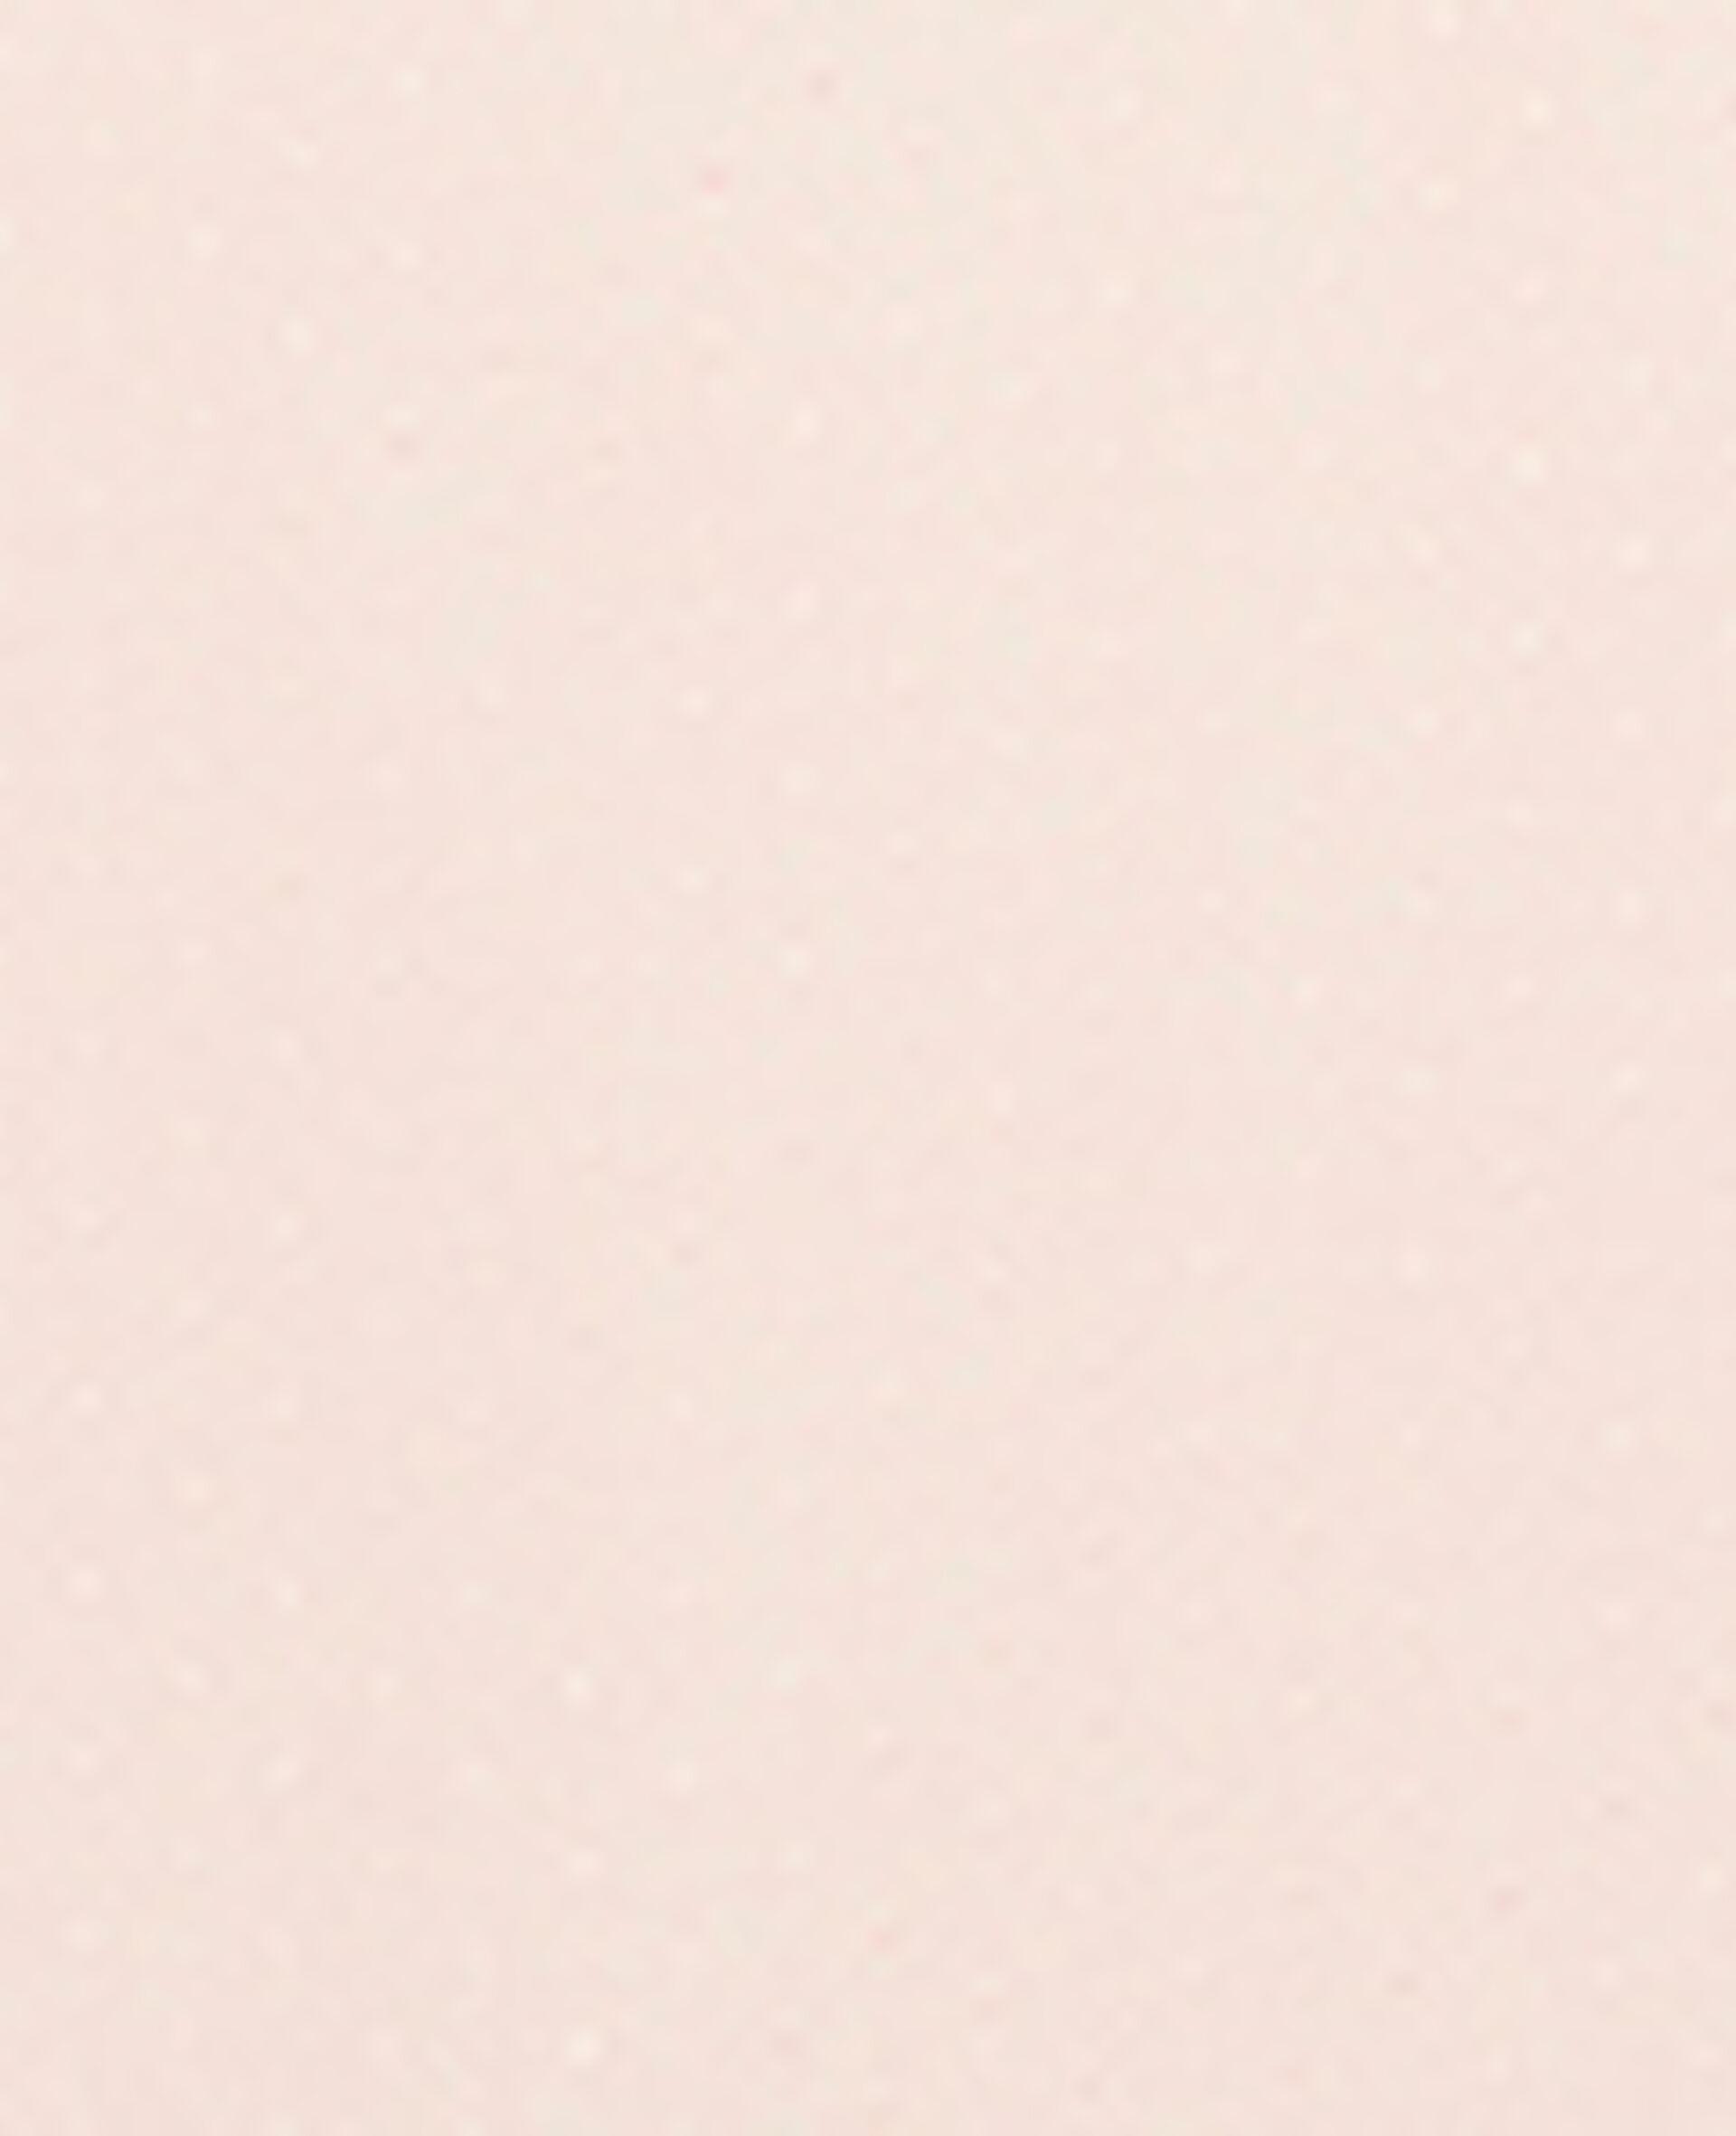 エヴァ シャツ-ピンク-large image number 4